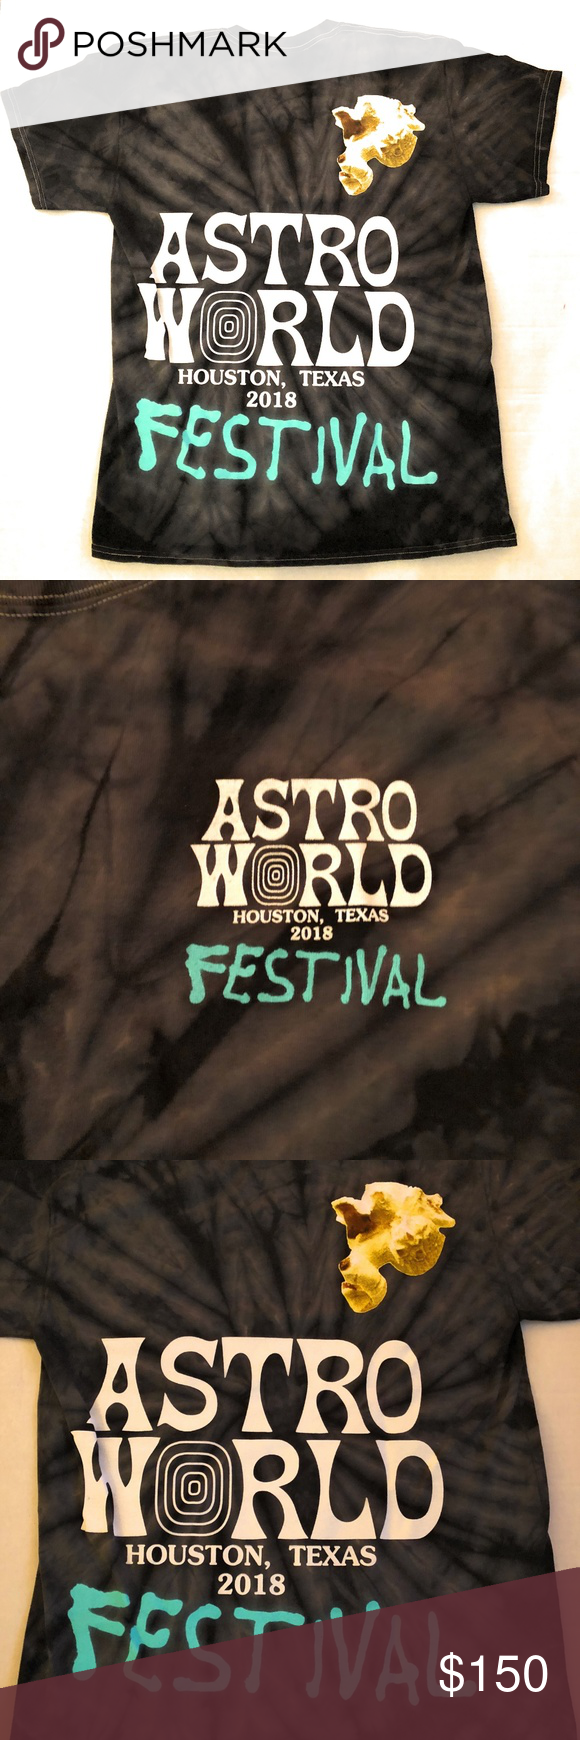 ea3da19b5e08 Travis Scott ASTROWORLD Festival Tie Dye Shirt Travis Scott - Astroworld  ASTROWORLD FESTIVAL BLACK T-